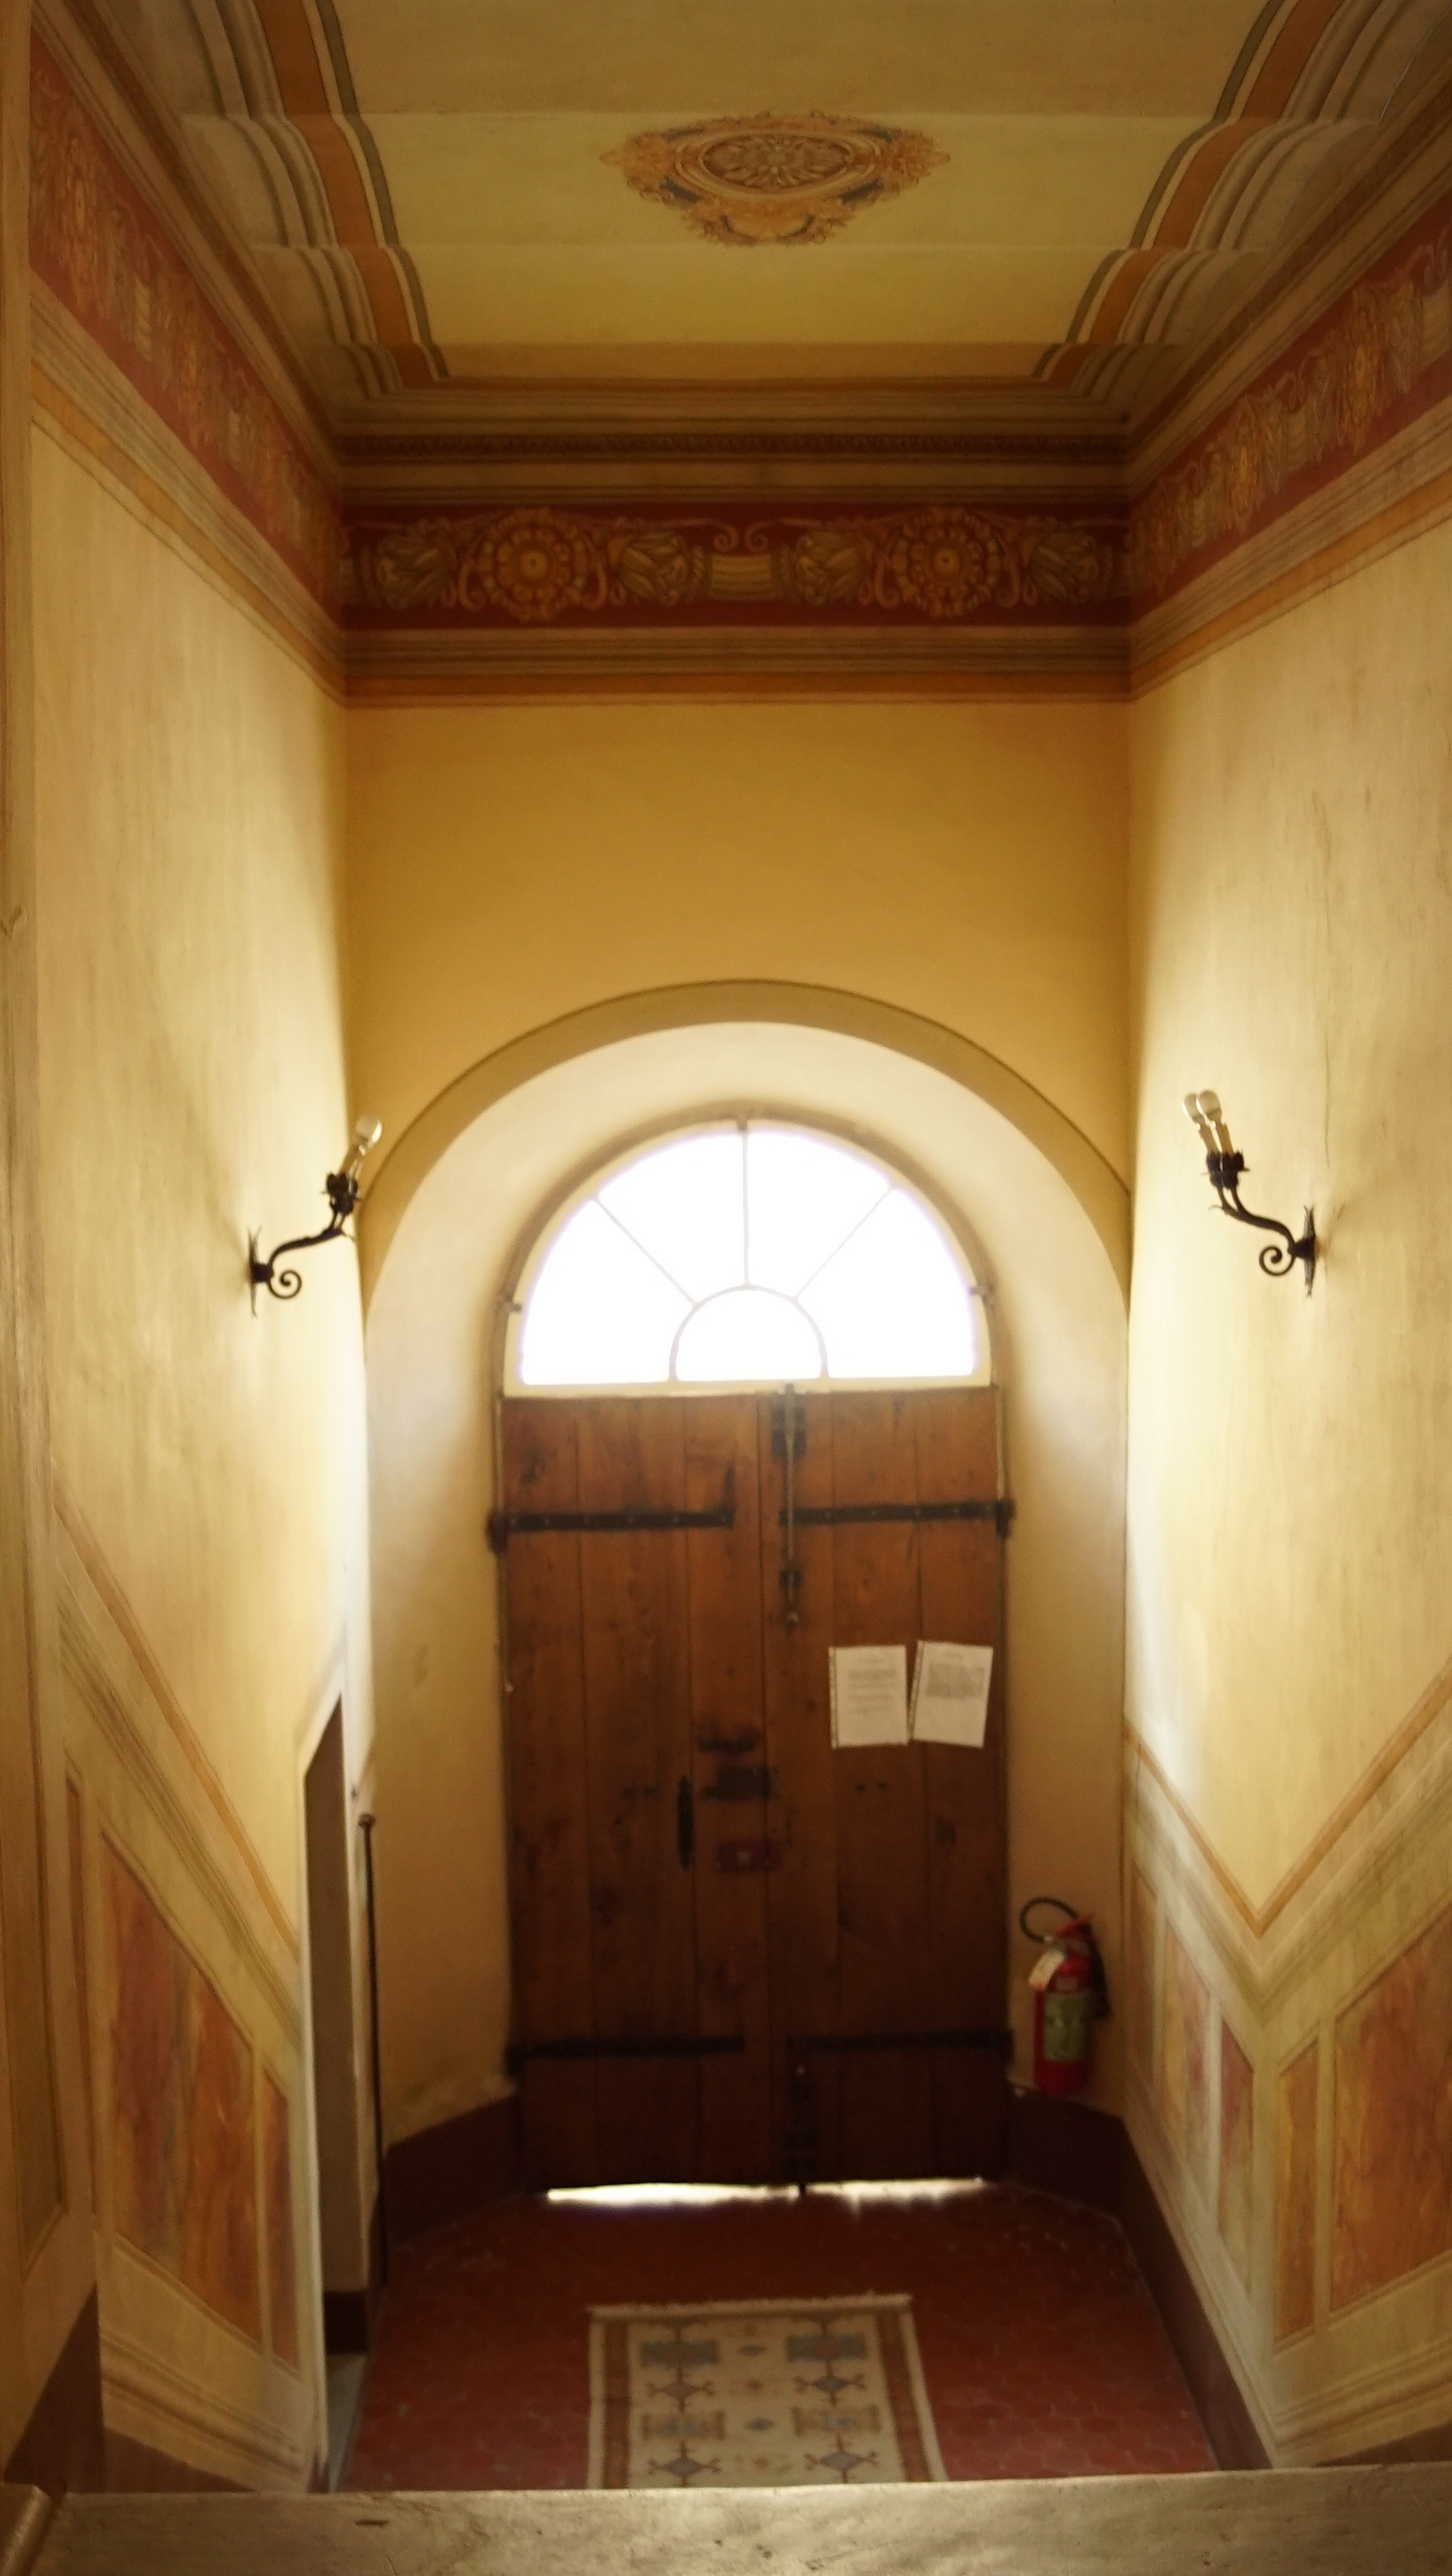 里吉纳宫入口大厅